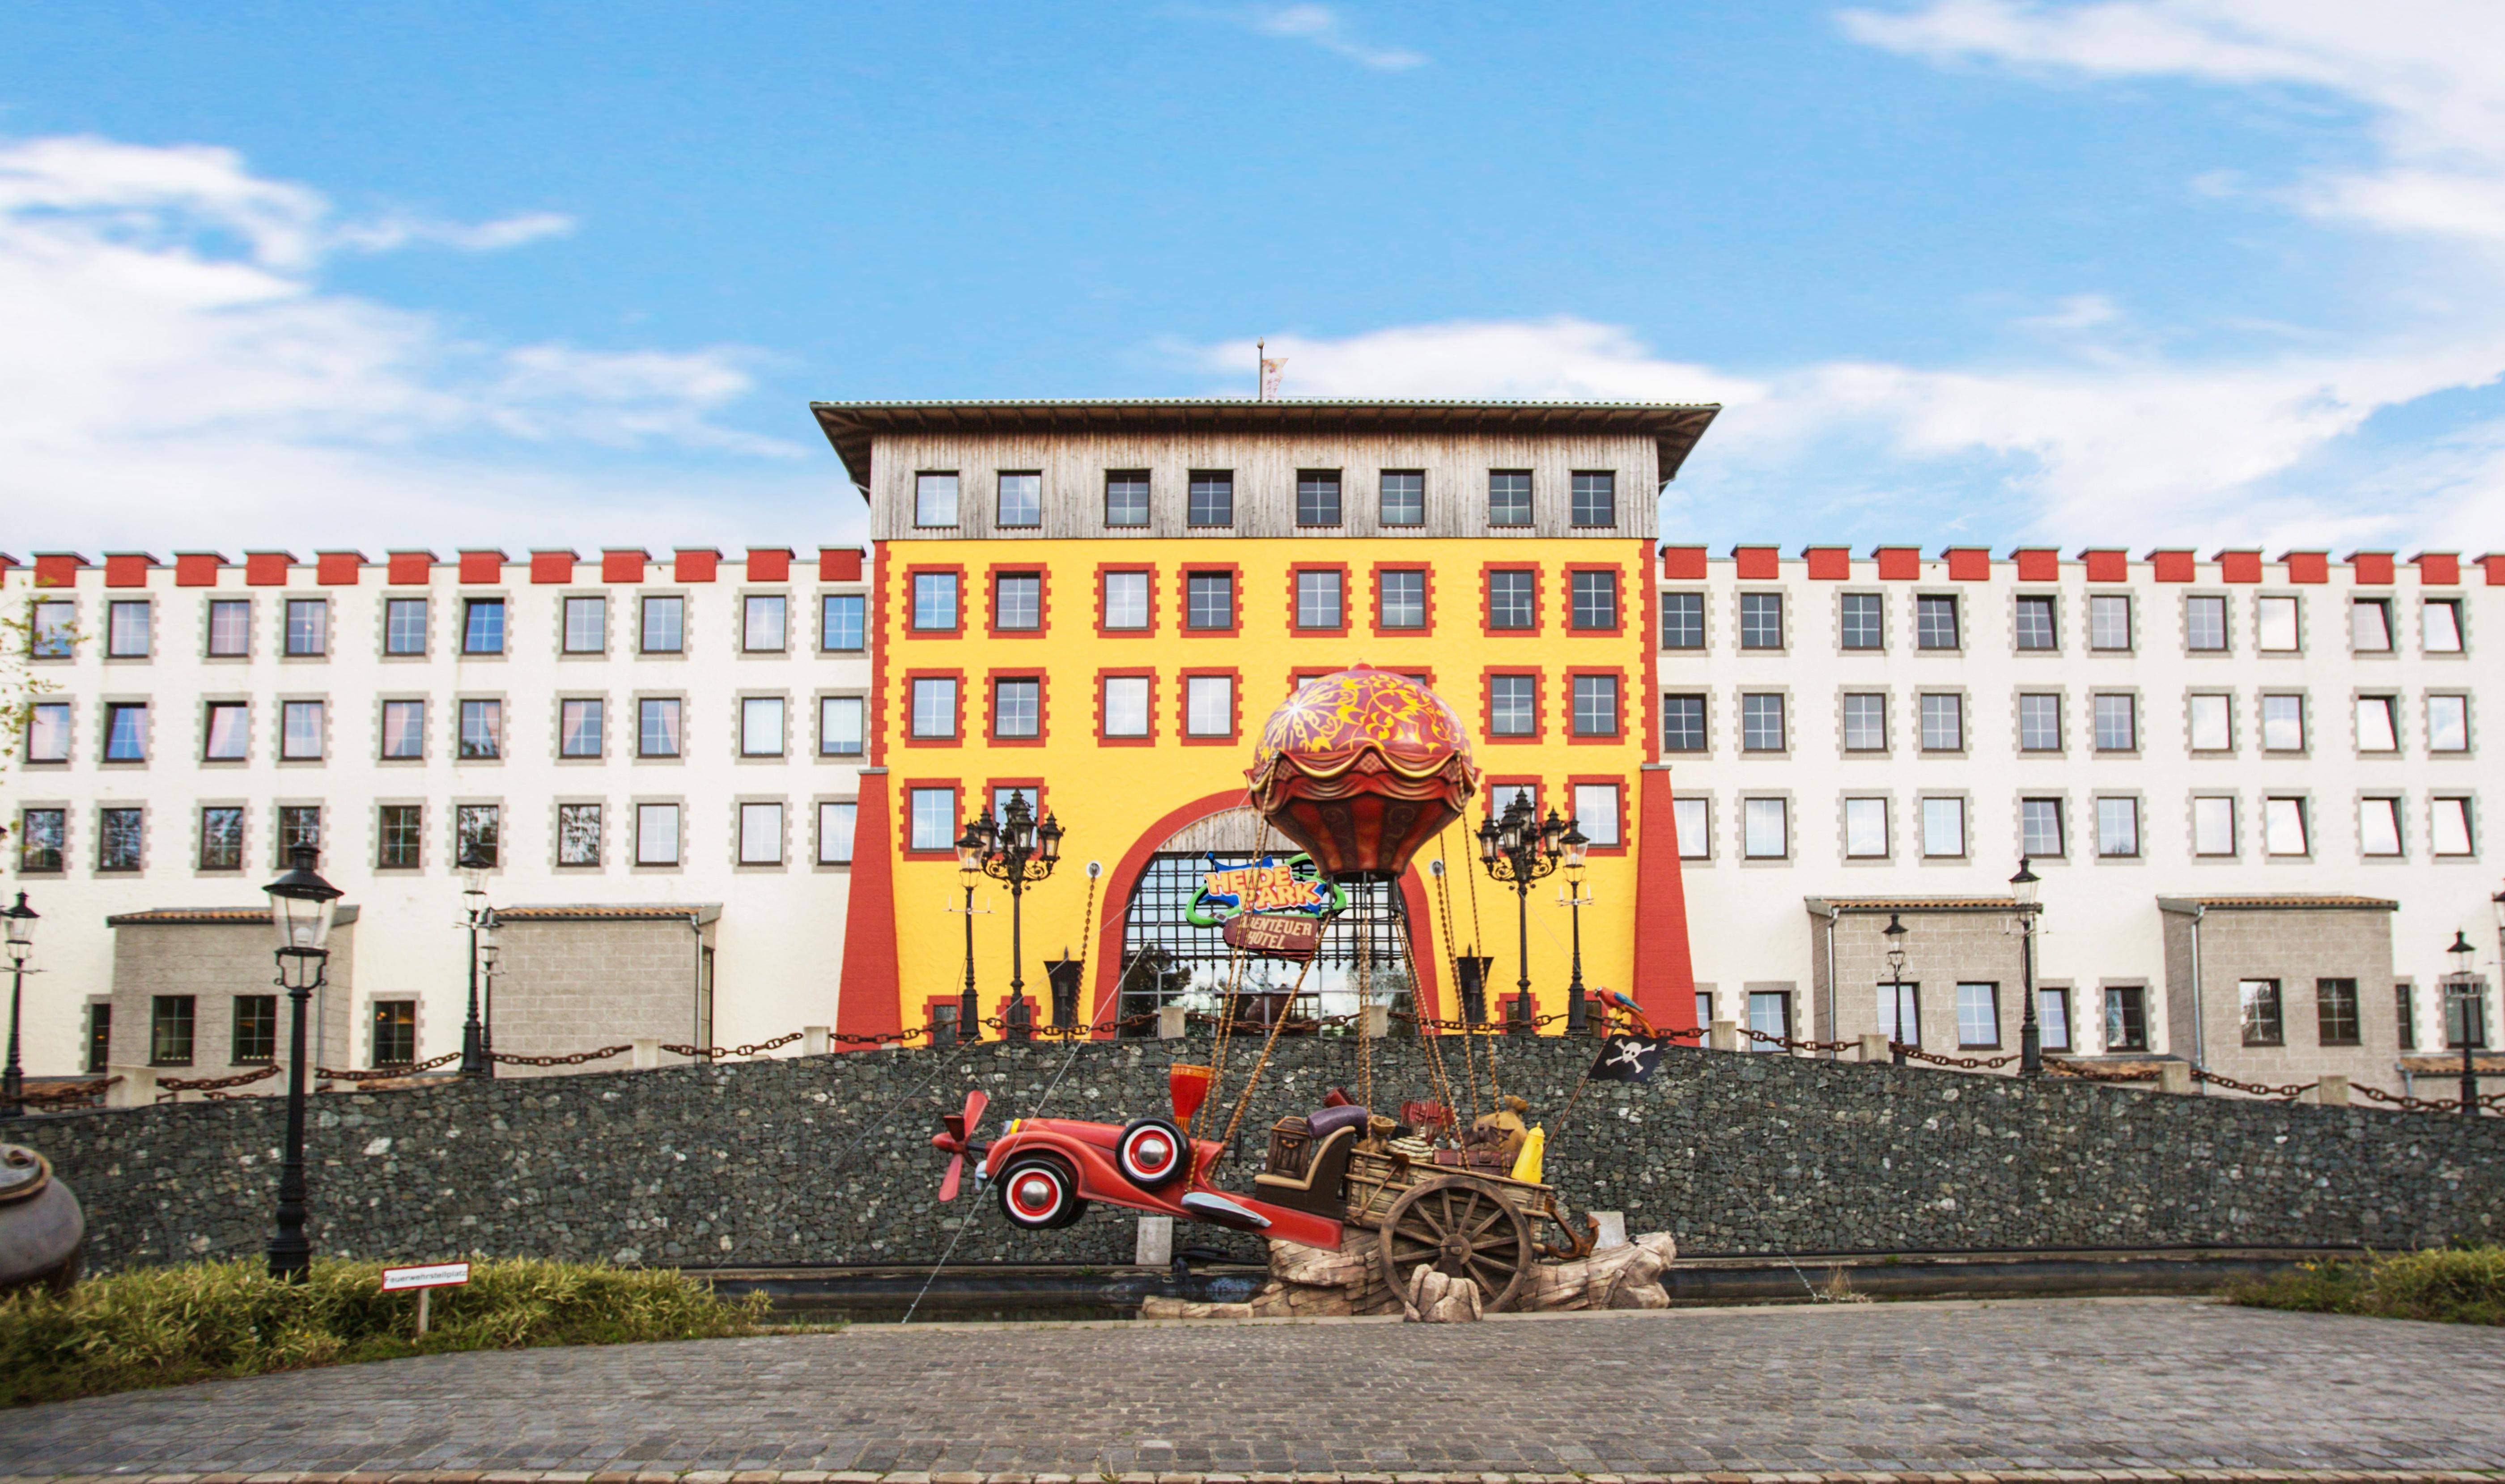 heide park abenteuerhotel in soltau holidaycheck niedersachsen deutschland. Black Bedroom Furniture Sets. Home Design Ideas